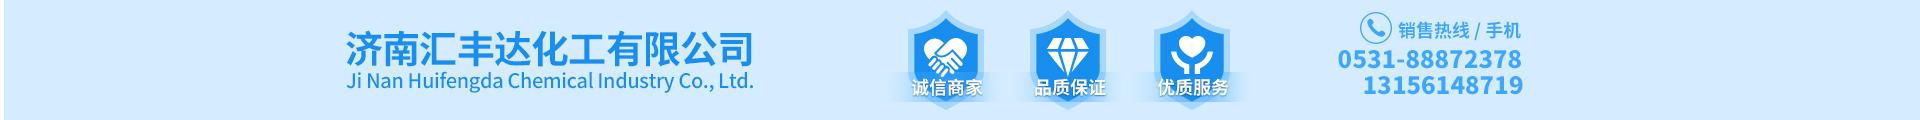 濟南匯豐達化工有限公司